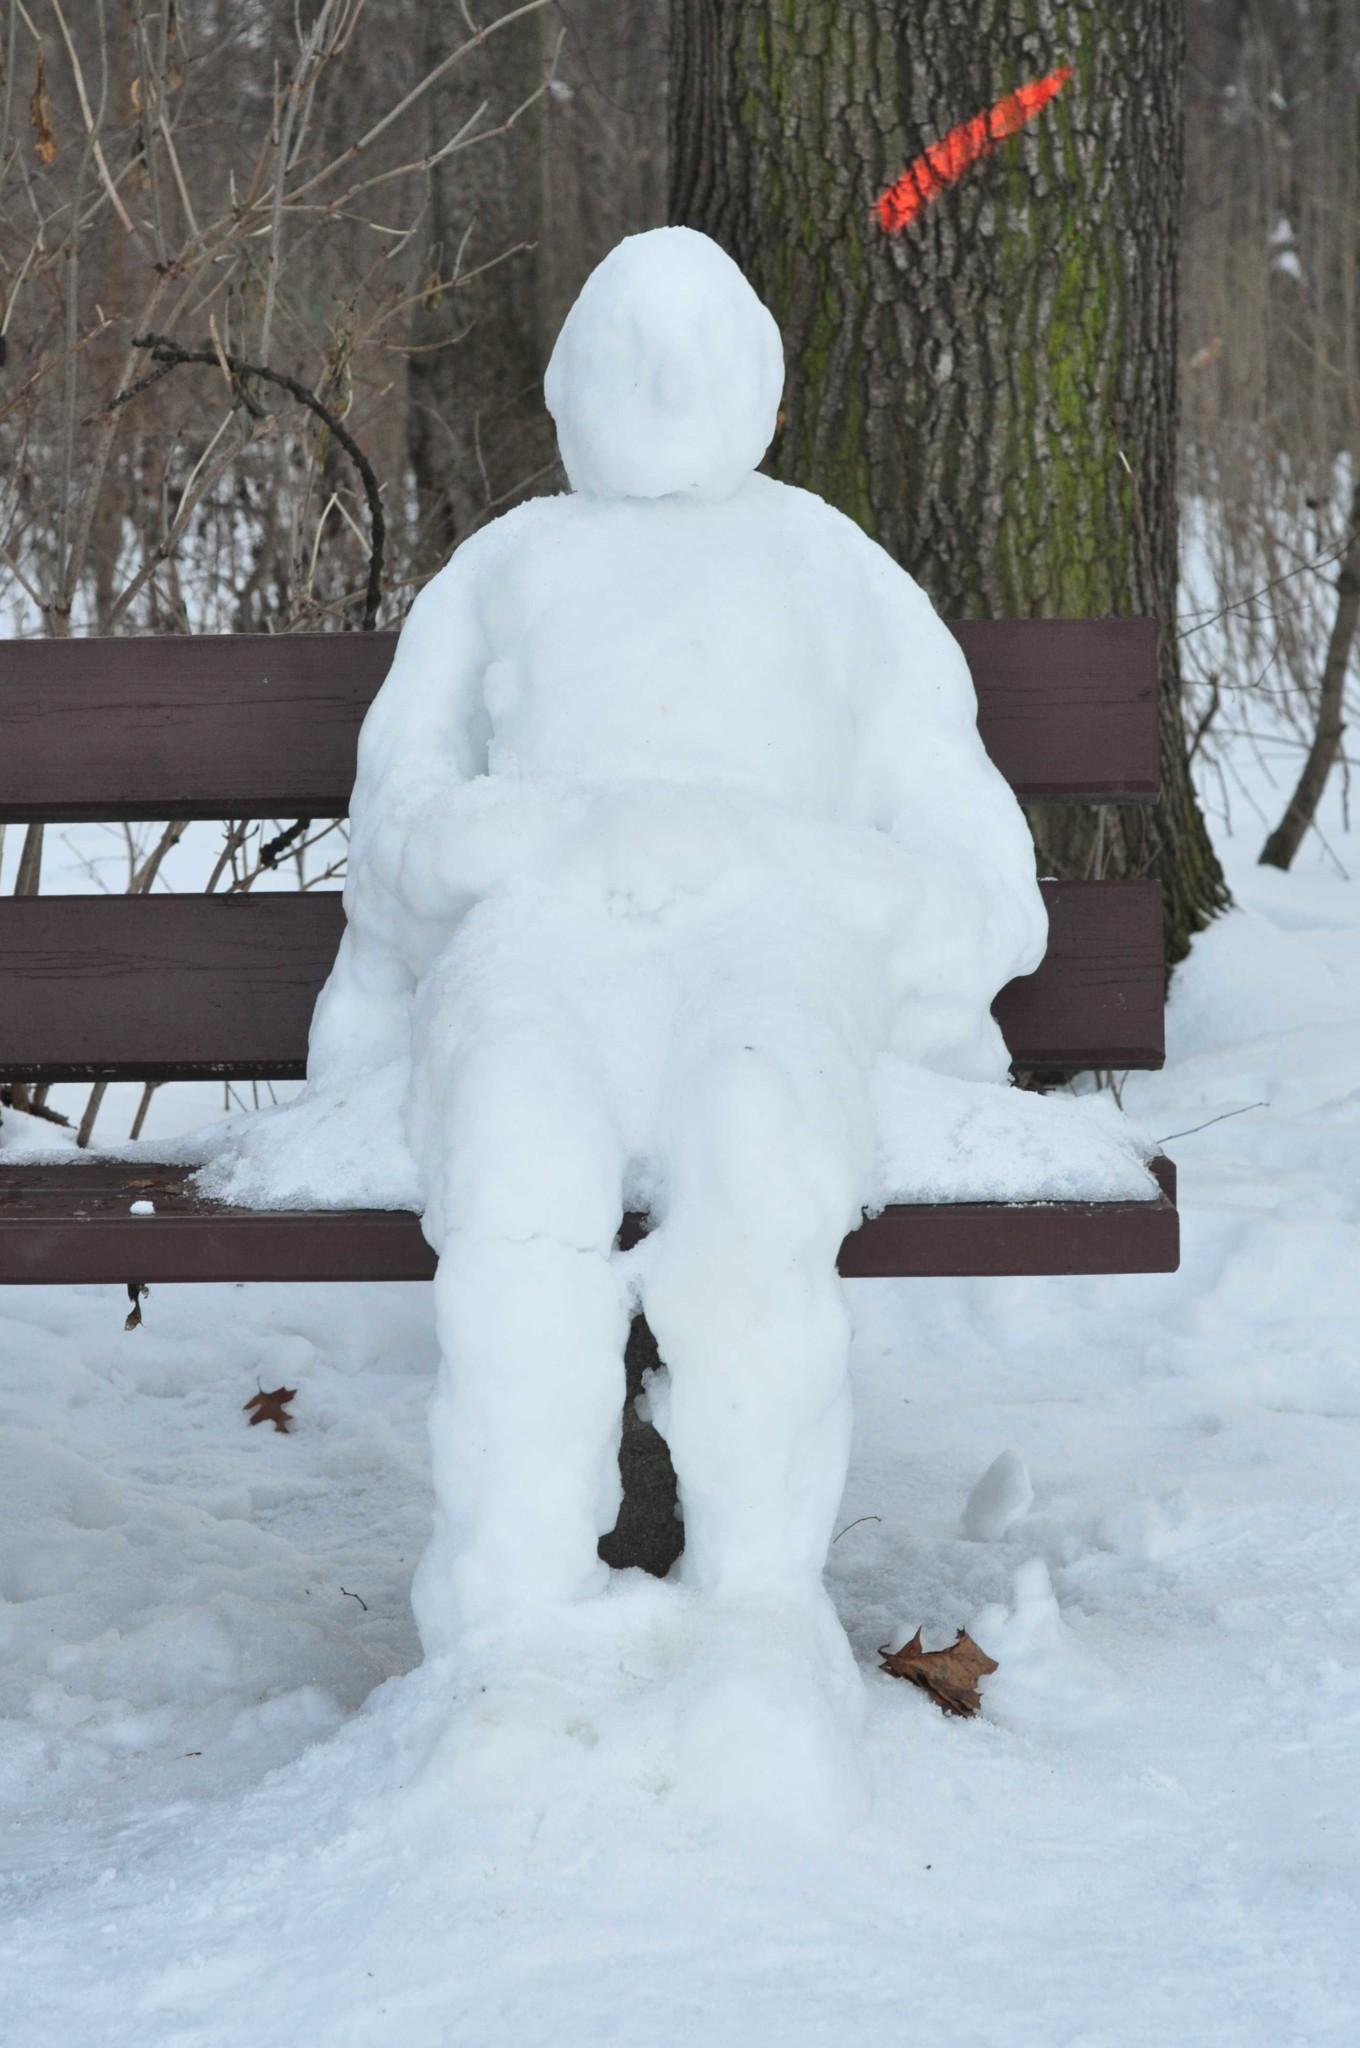 Ein Schneemann auf der Bank (frontal)